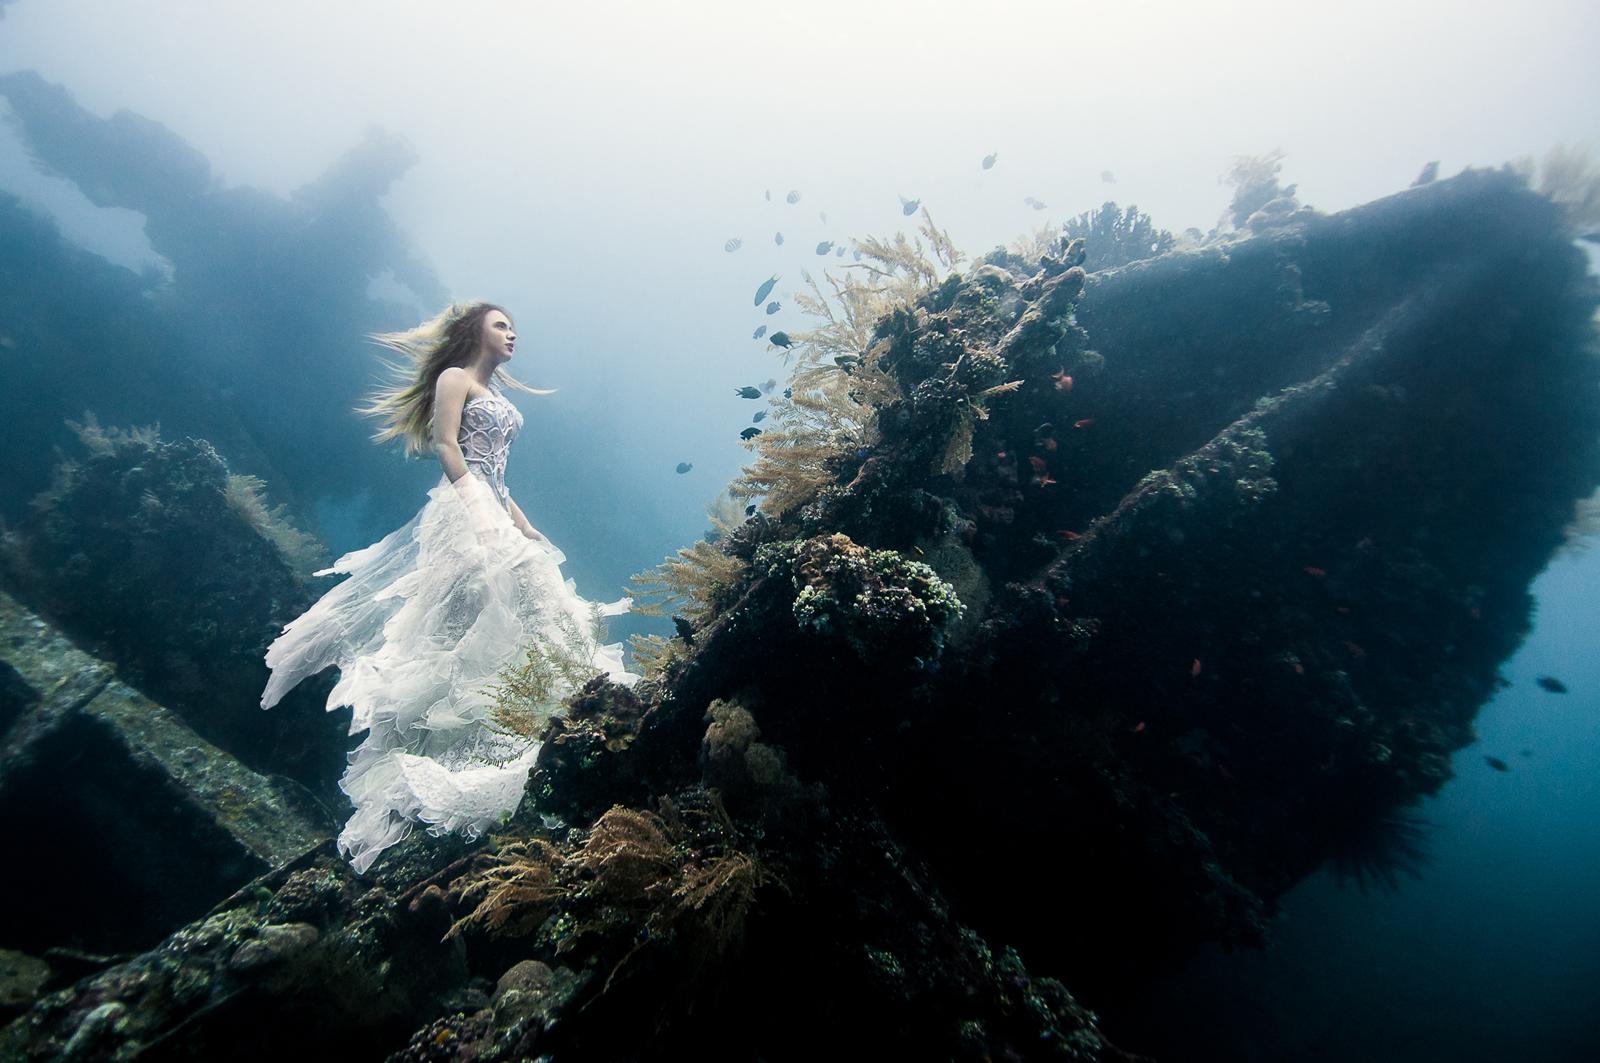 Von Wong - Camilla Argent - makeup Yenny Gunawan - designer Ali Charisma - Deliverance